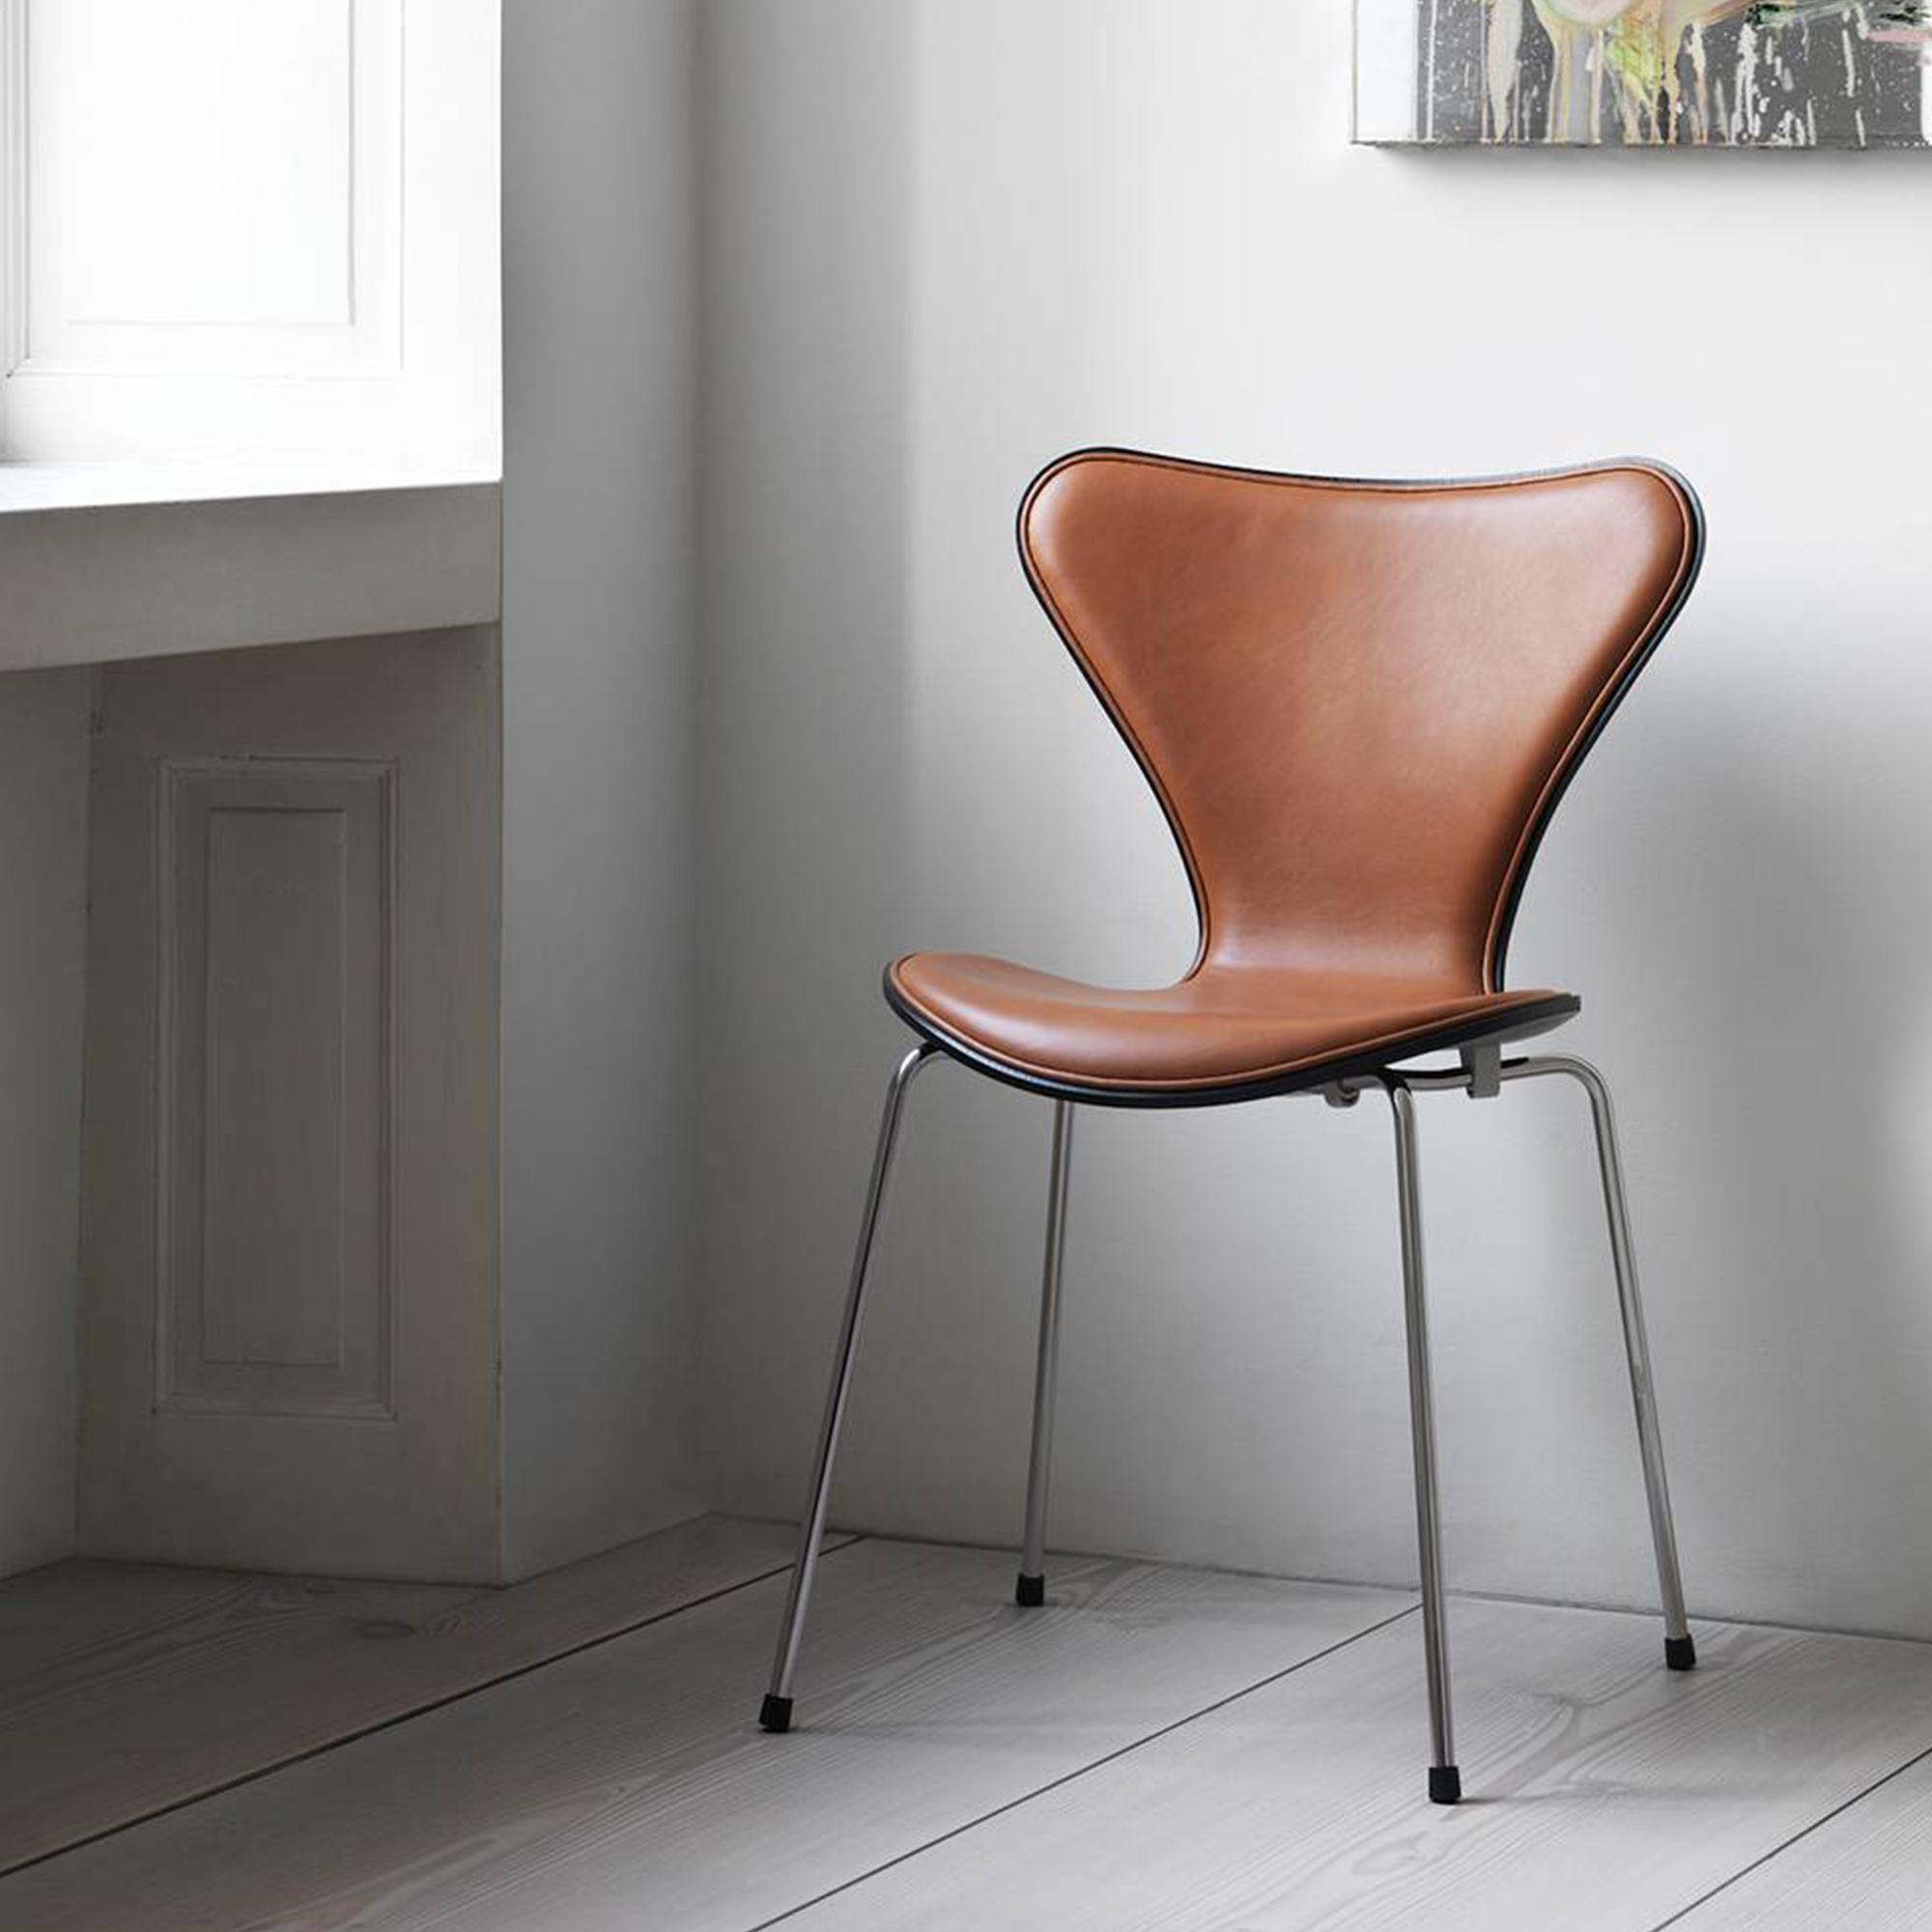 3107 sjuan framsideskl dd kampanj. Black Bedroom Furniture Sets. Home Design Ideas